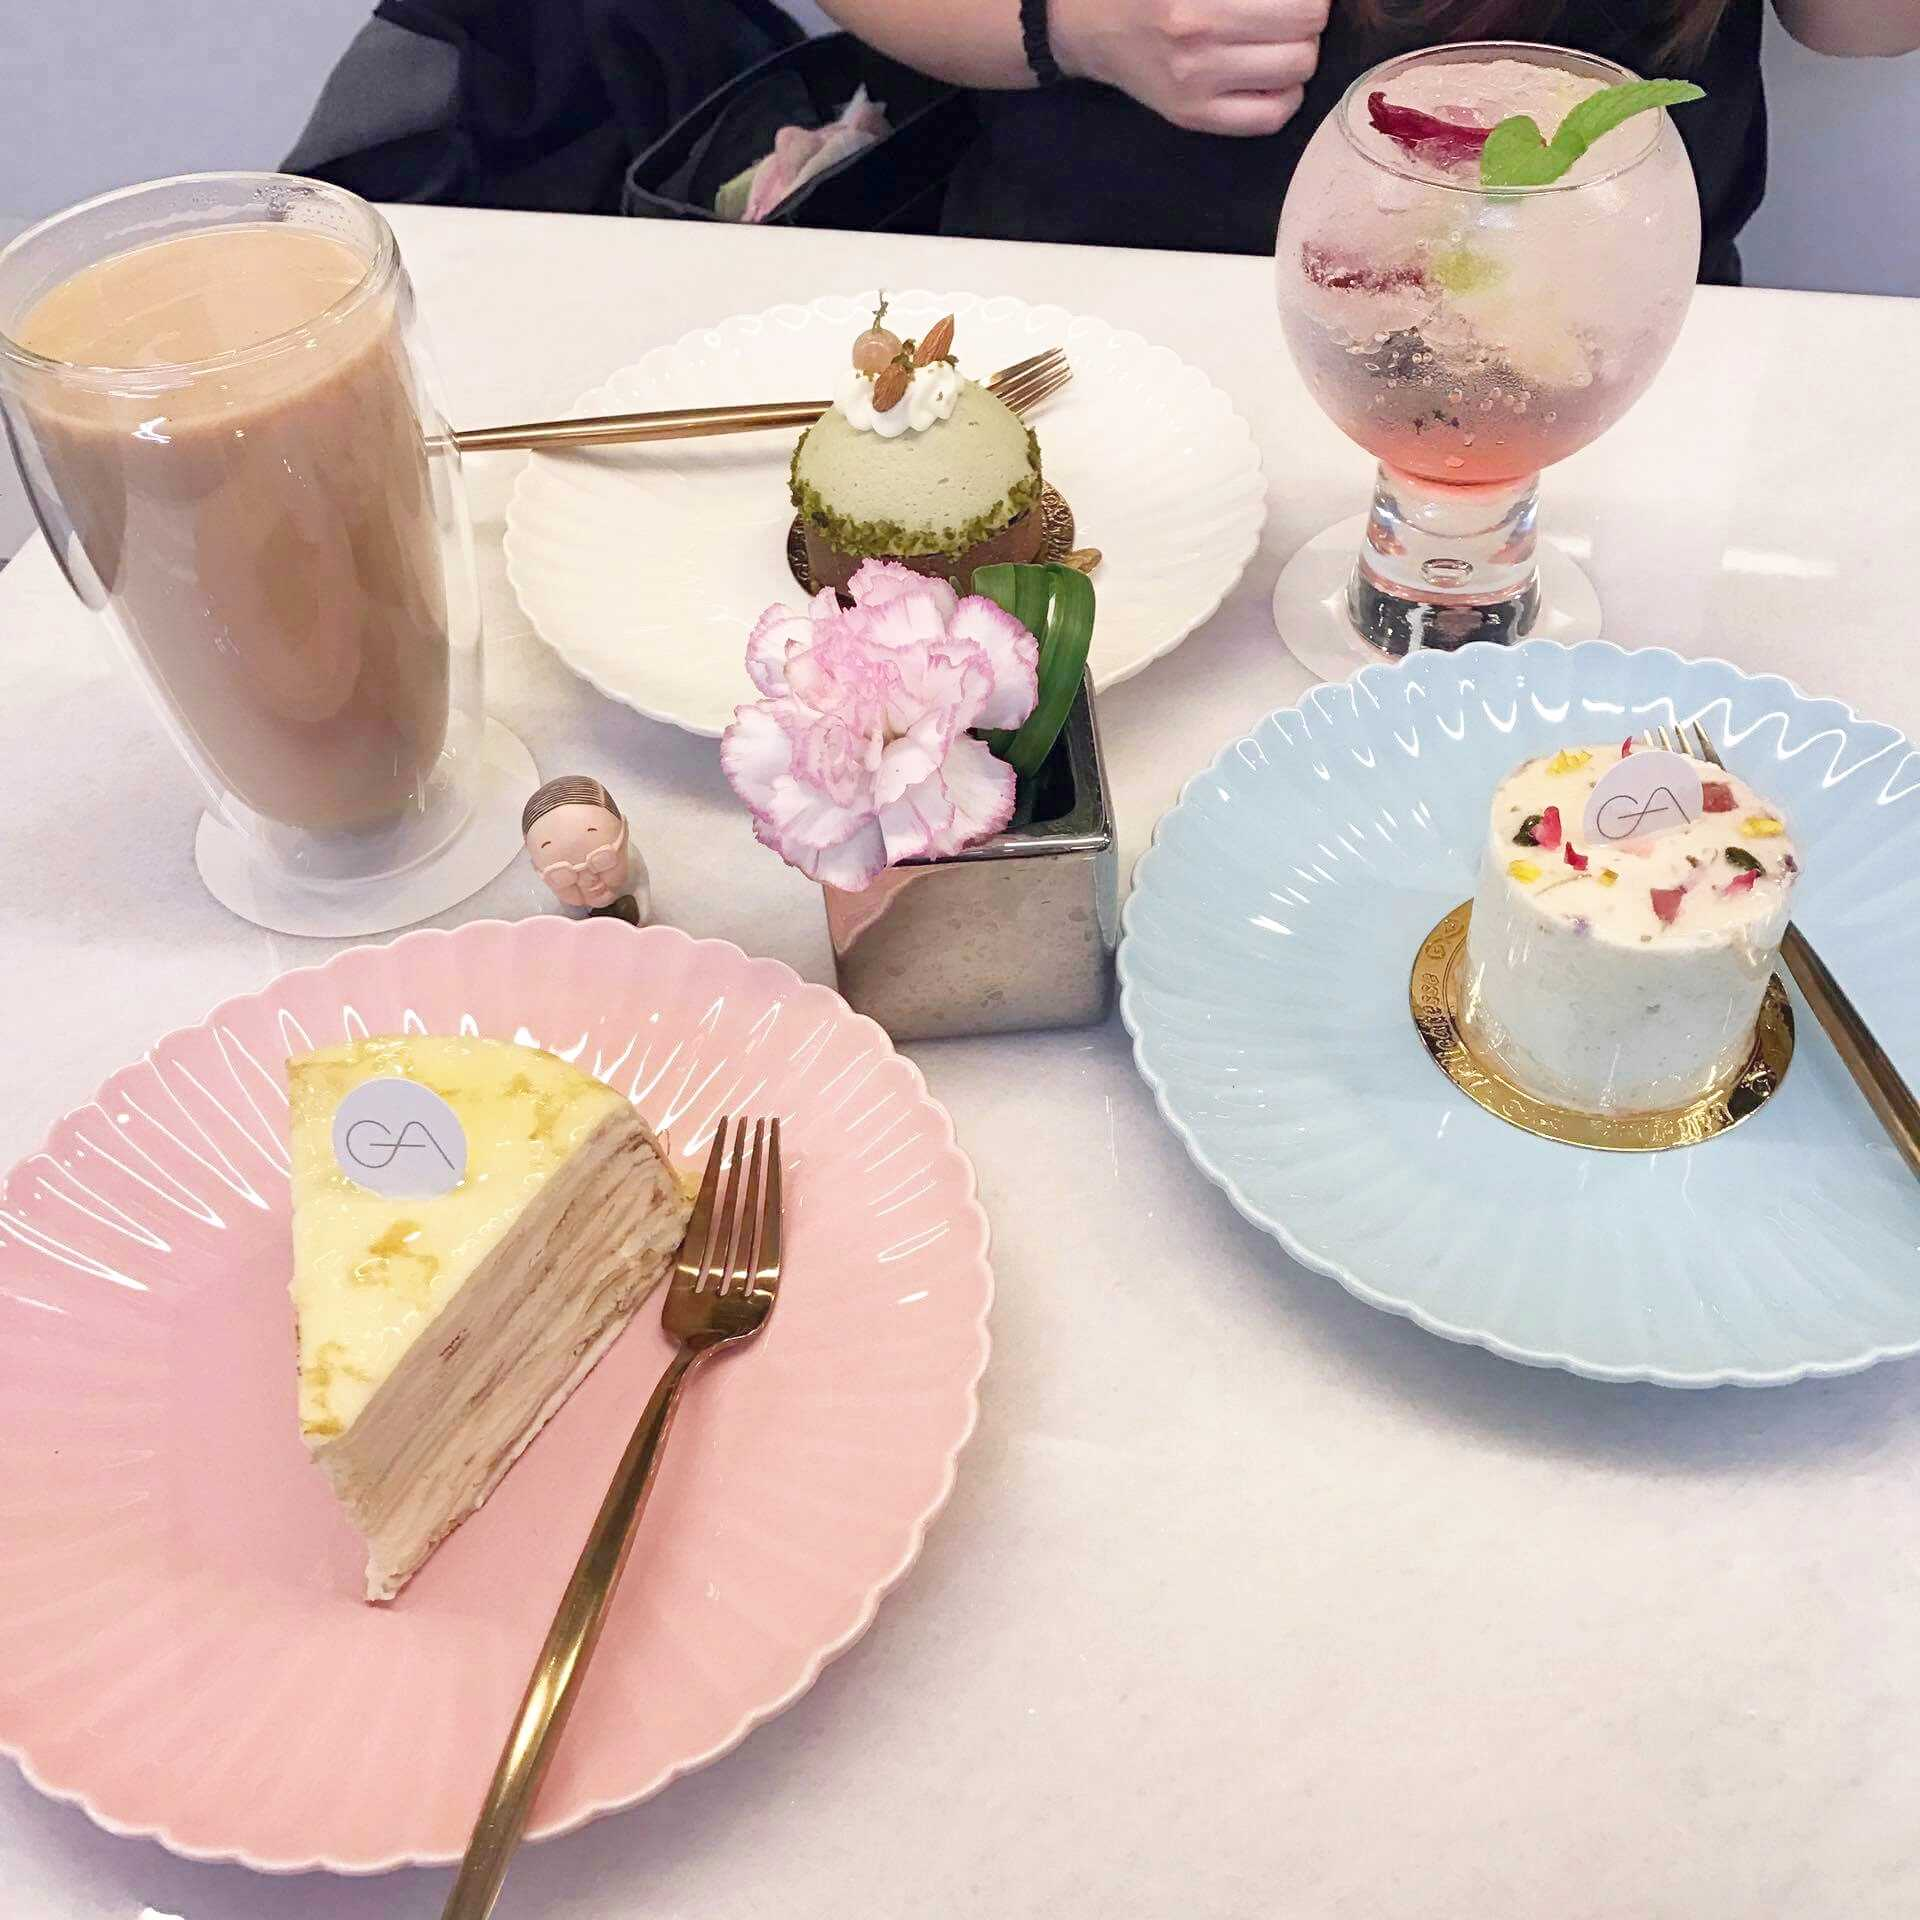 蛋糕部分點了普羅旺斯之花、千層可麗餅和抹茶慕斯塔,飲料則是玫瑰氣泡飲和貴妃奶茶 先說說抹茶慕斯塔,抹茶味中等,吃的時候要搭配下面餅乾底一起吃比較好,飽兒覺得這款普普但朋友蠻喜歡的。